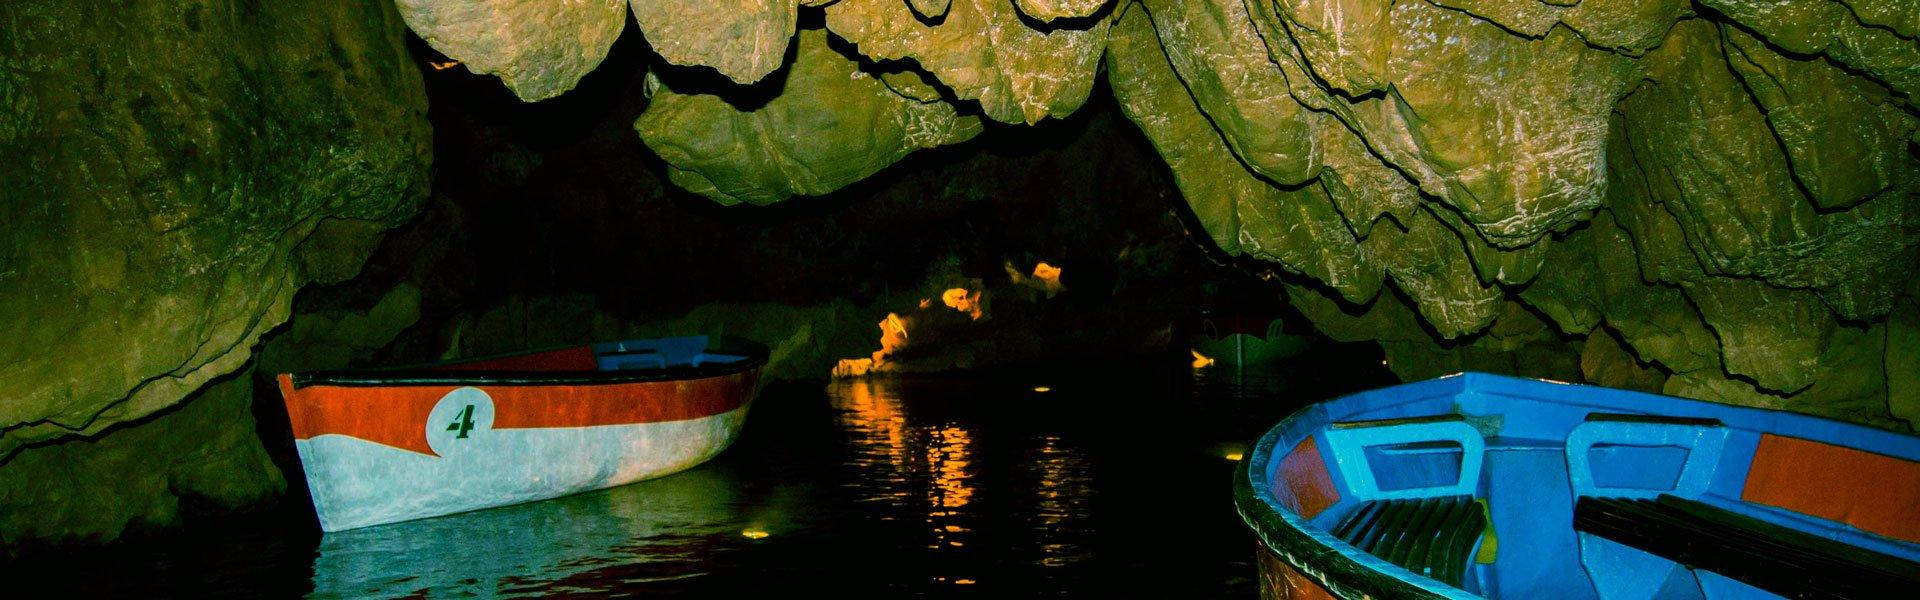 visitar las Cuevas de la Vall d´uixo. Cuevas de San José